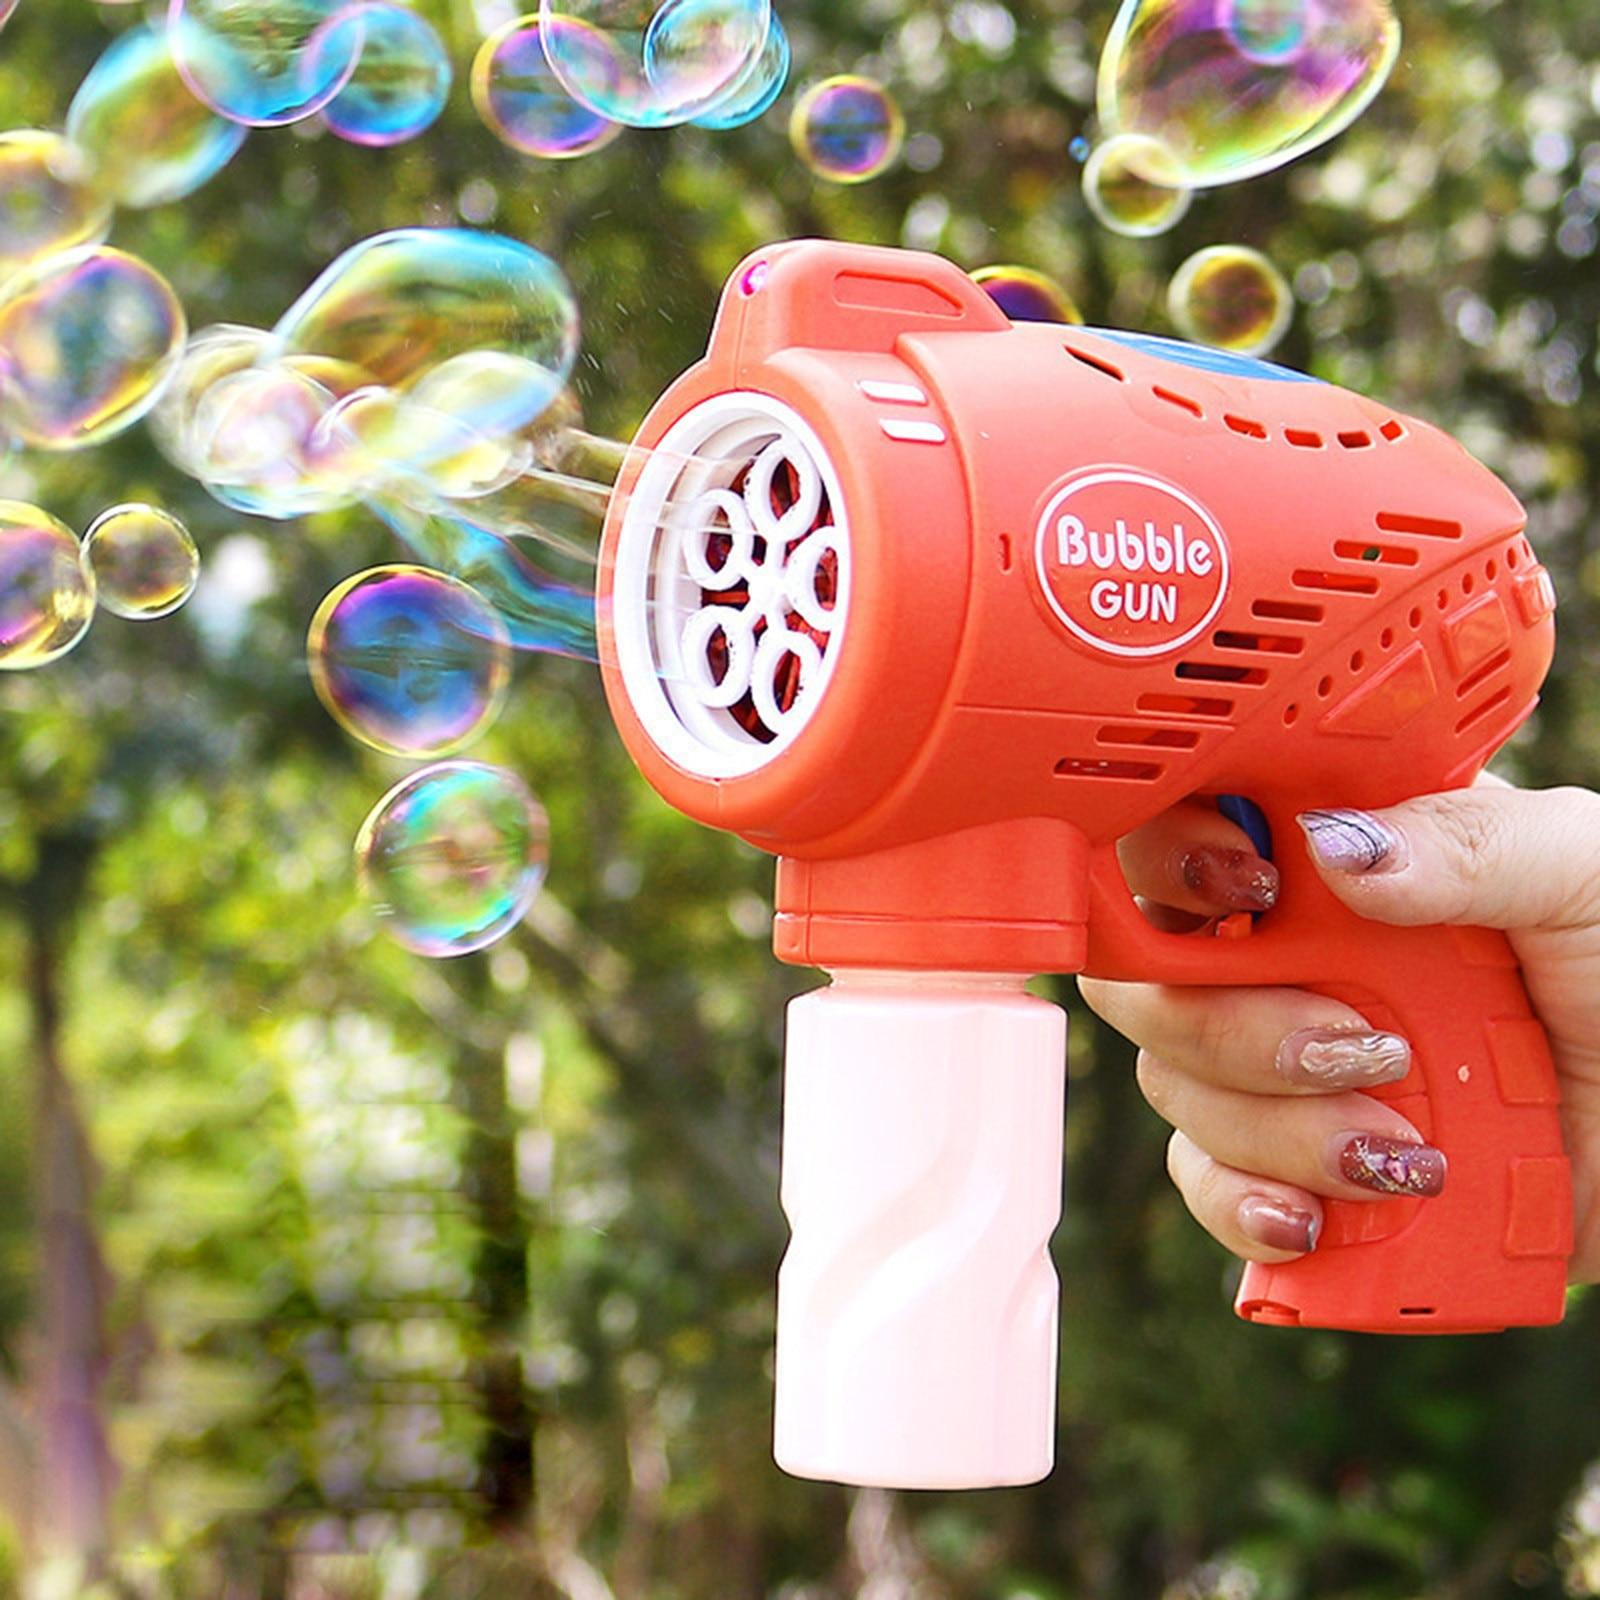 100 мл Автоматическая музыкальная пузырьковая машина Мультяшные пузырьки Игрушки Летние для детей пузырьковая машина для мыла уличные пузы...